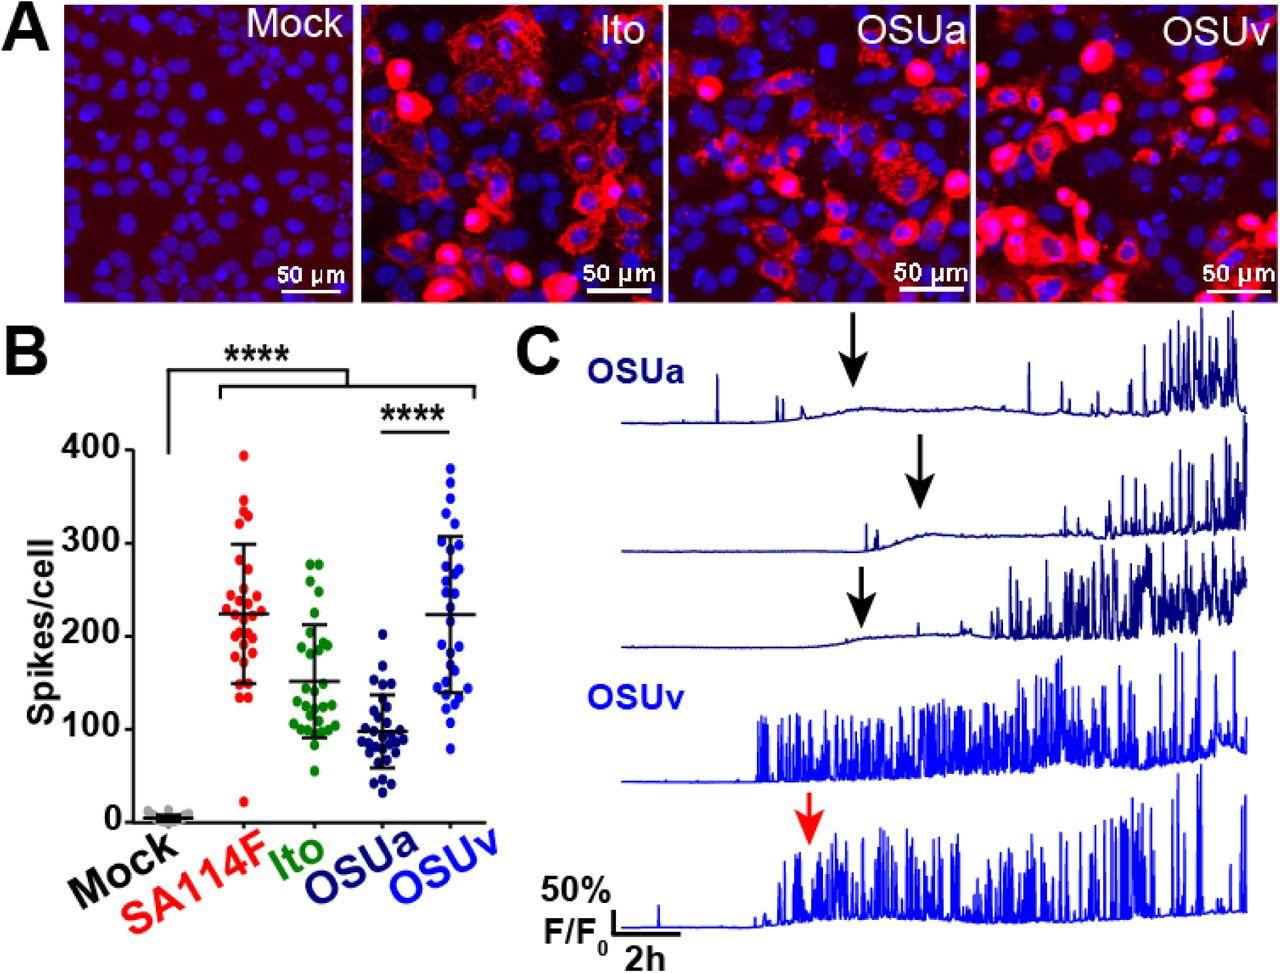 Rotavirus Calcium Dysregulation Manifests as Dynamic Calcium